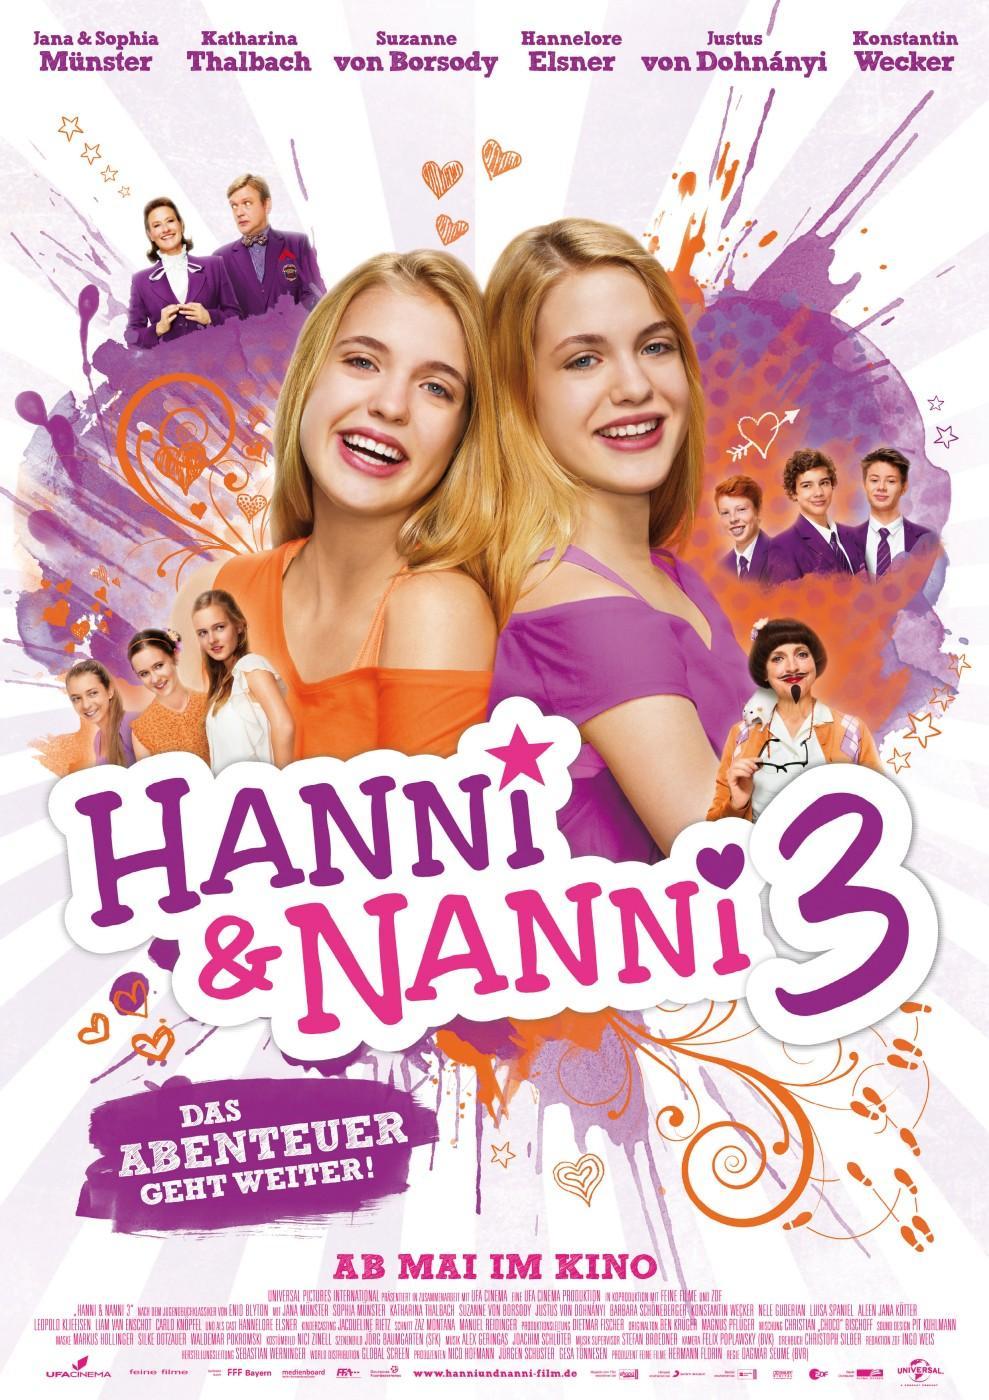 Hanni & Nanni 3 (Poster)